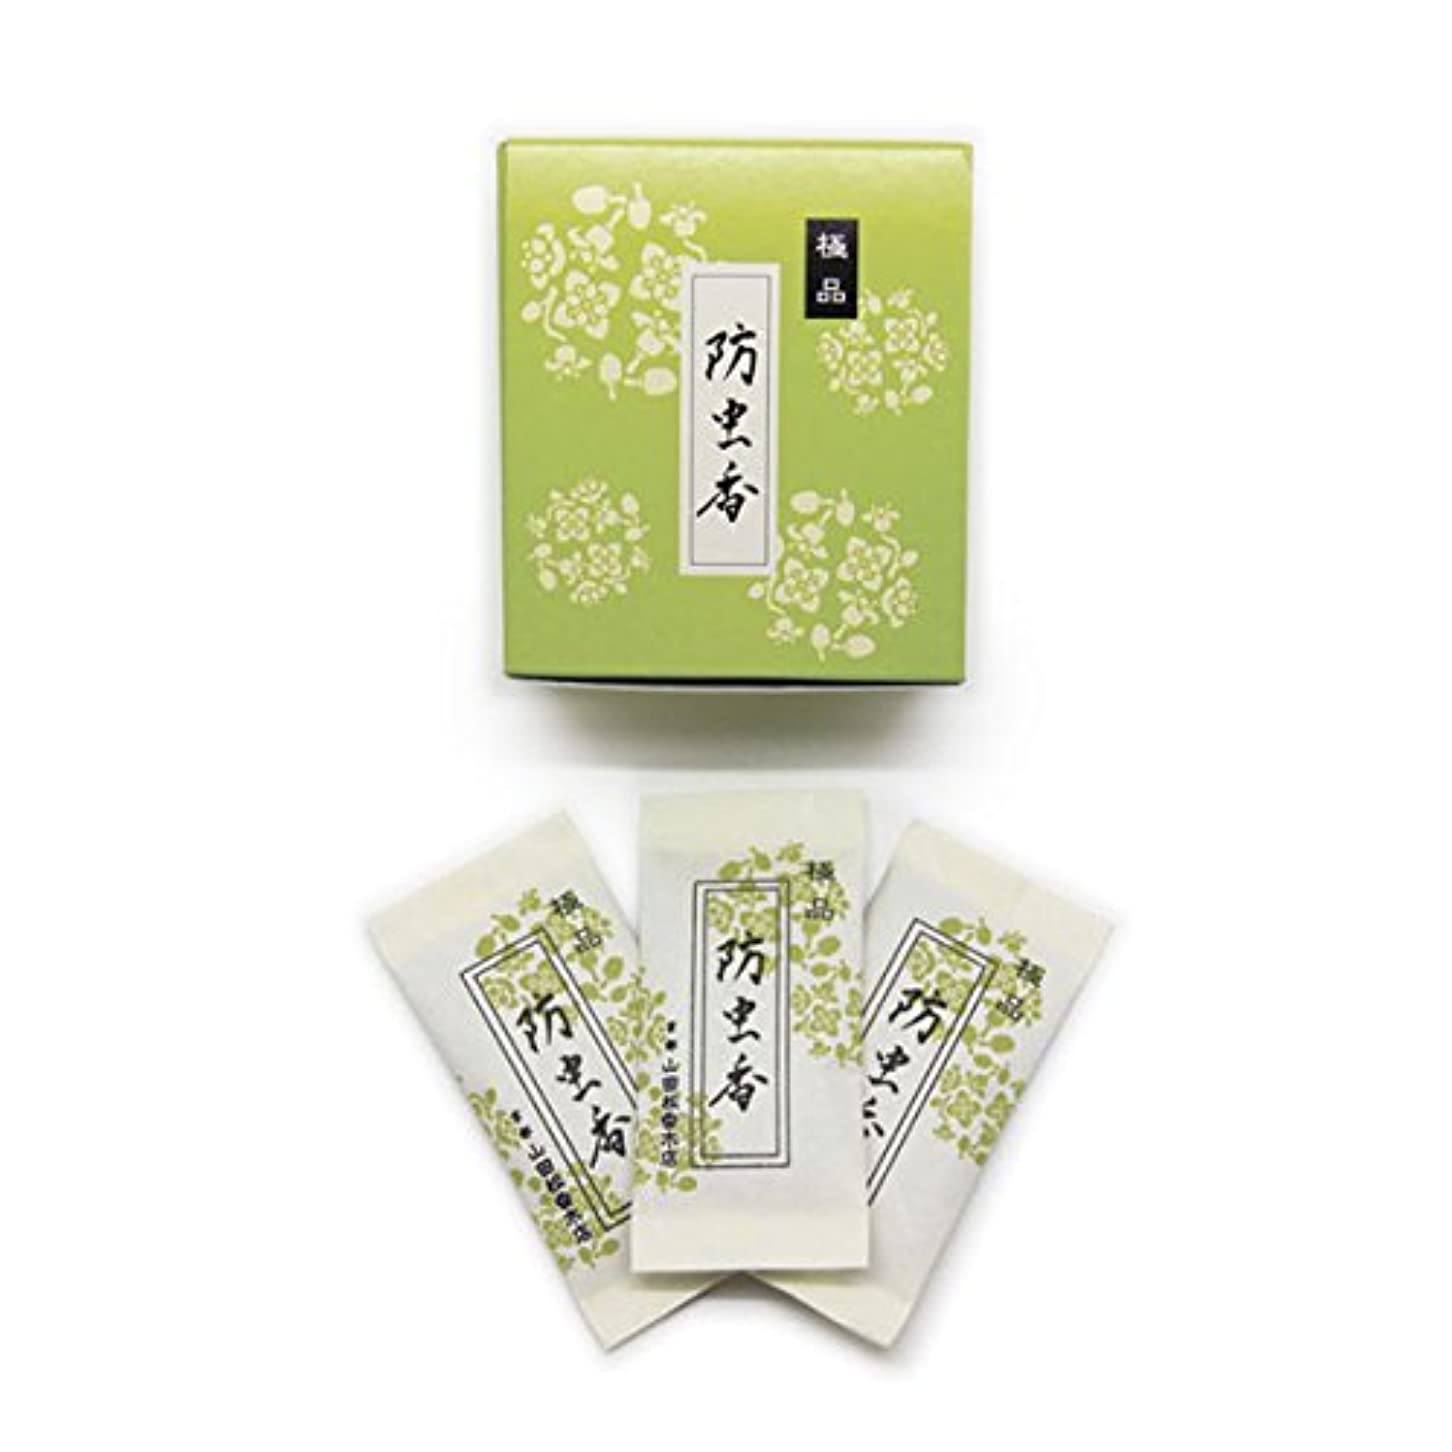 ベットみなす強度防虫香 極品(10ヶ入)